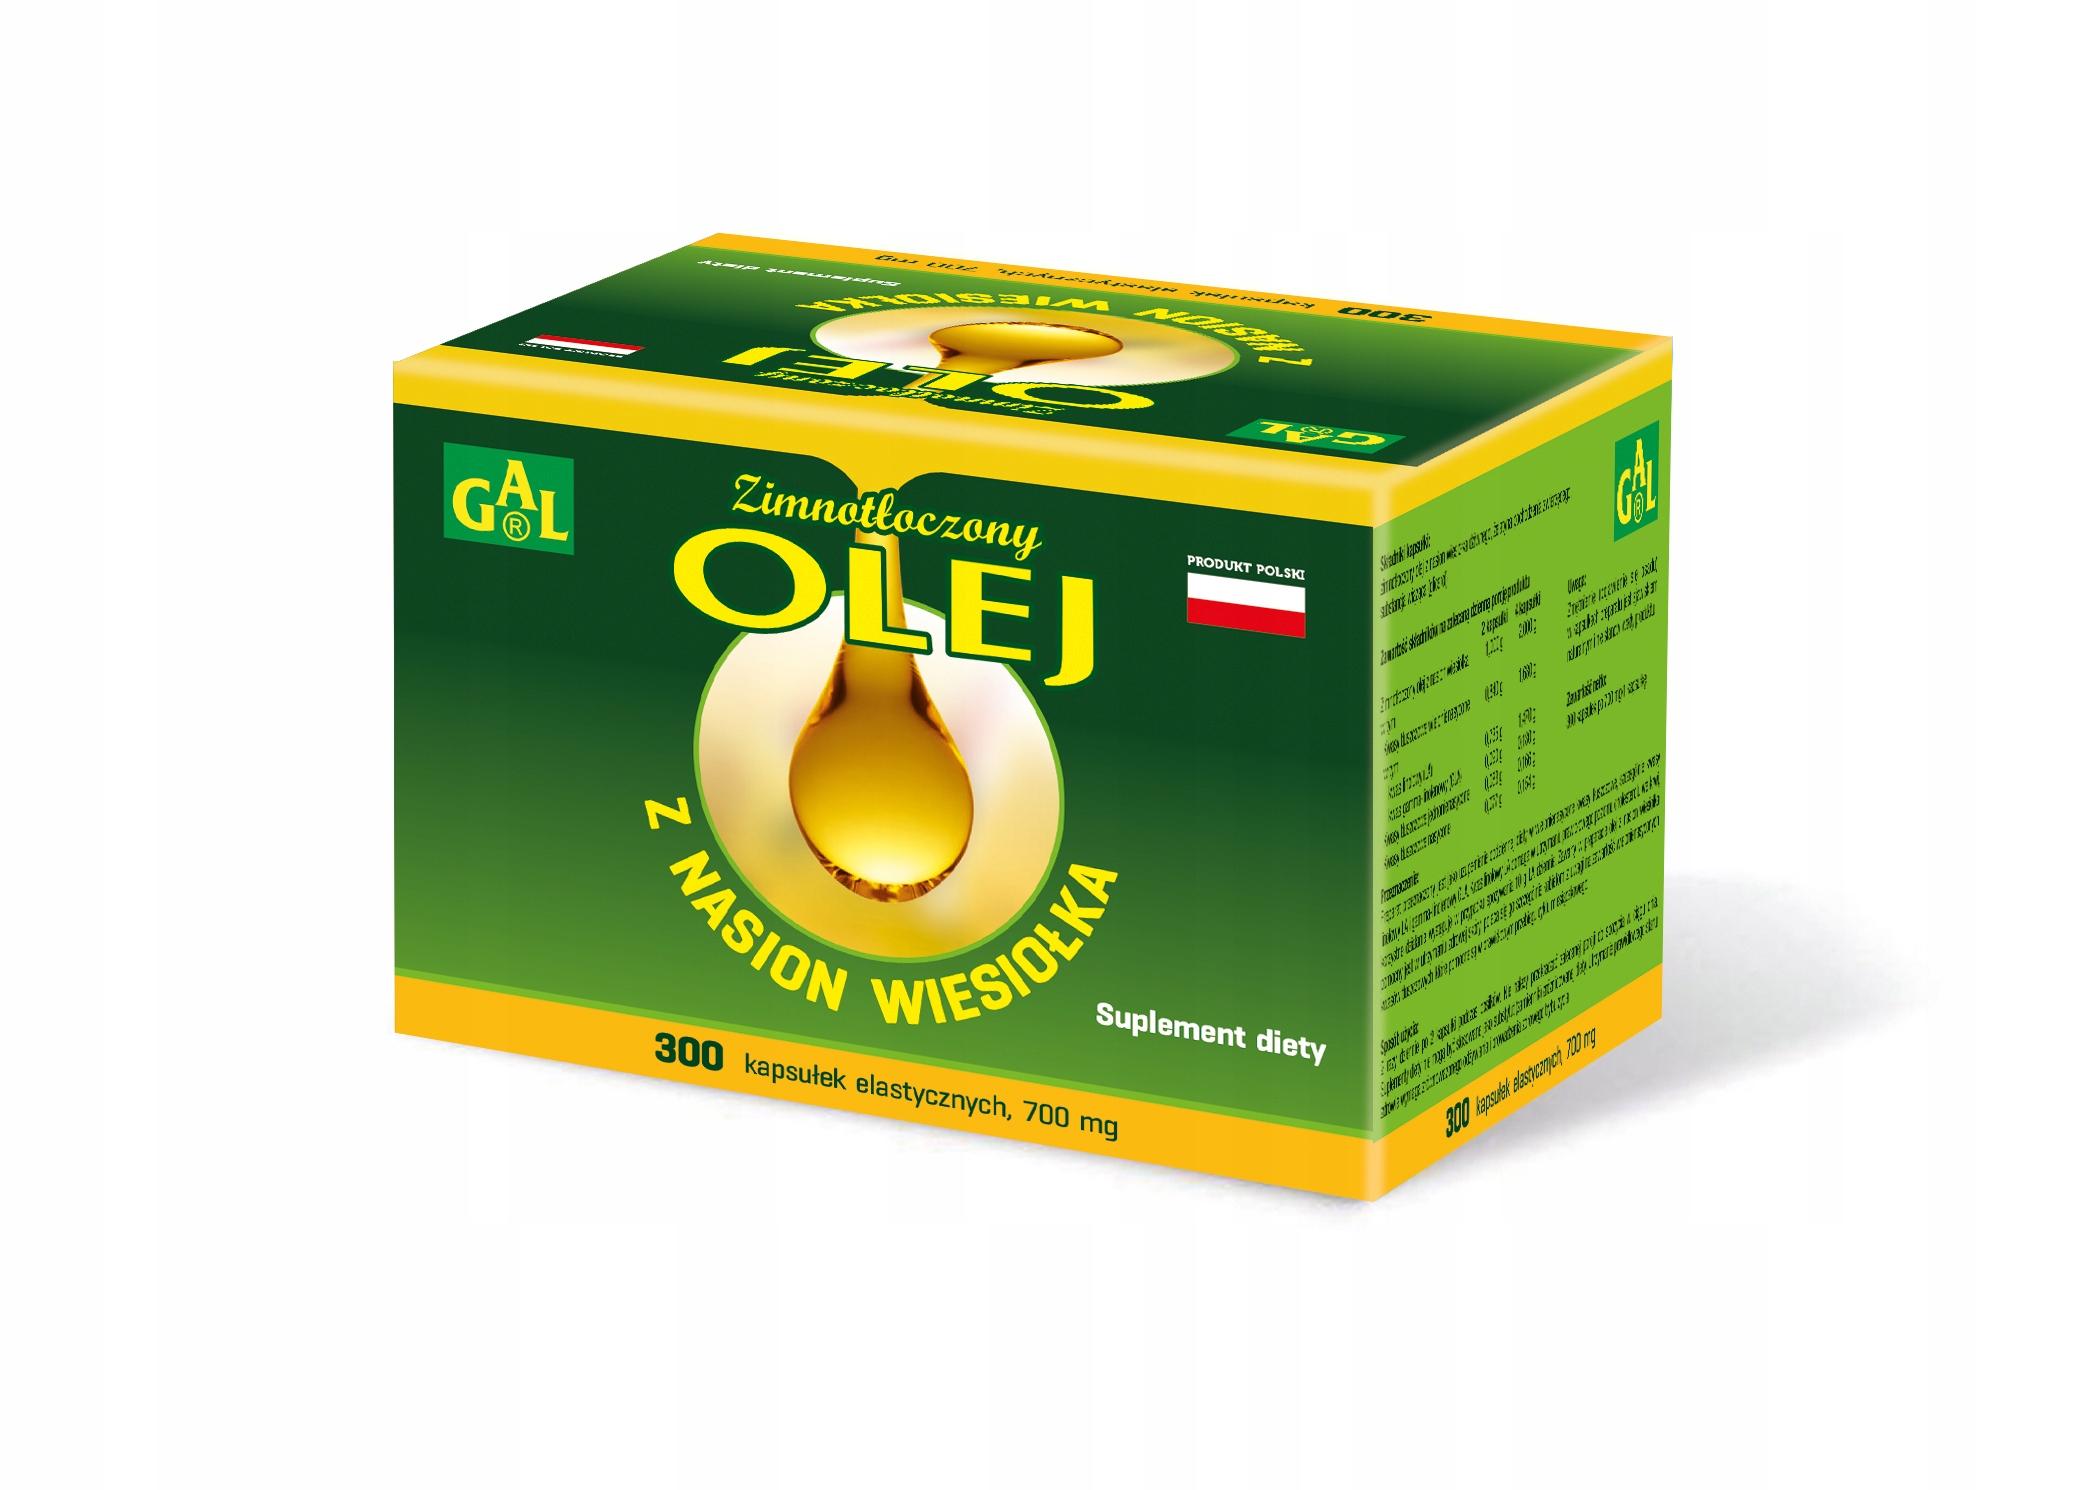 GAL Olej z nasion wiesiołka 300 kapsułek